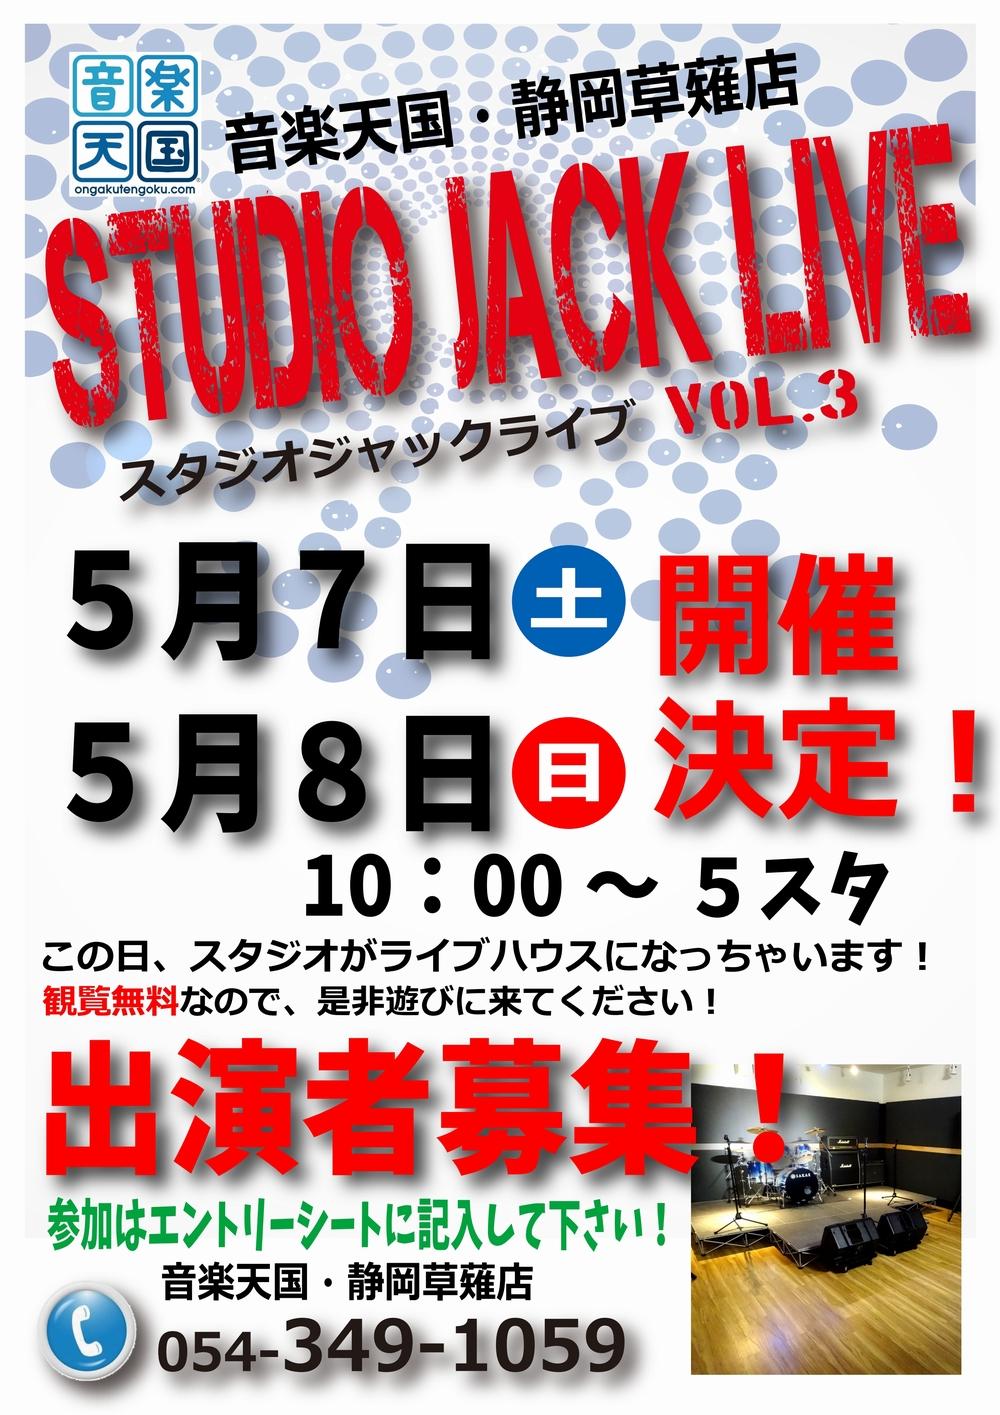 【スタジオライブ・STUDIO JACK LIVE】音楽天国・静岡草薙店5月7日(土)8日(日)開催